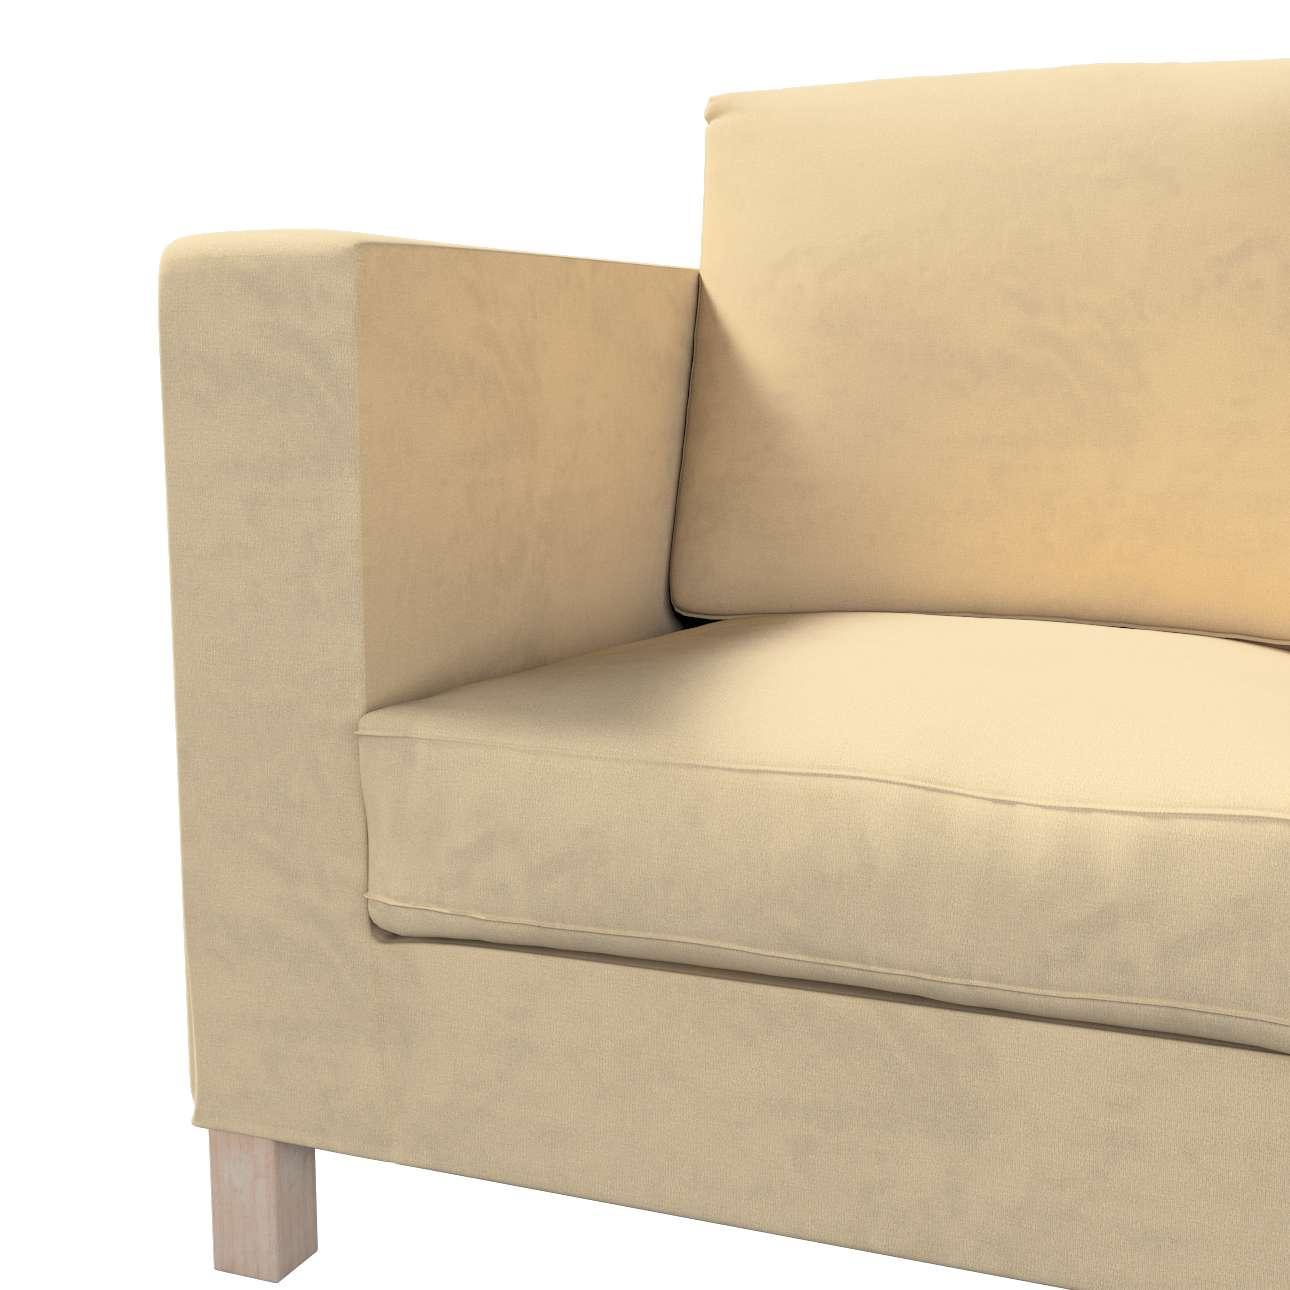 Karlanda klädsel <br>3-sits soffa - kort klädsel i kollektionen Living 2, Tyg: 160-82